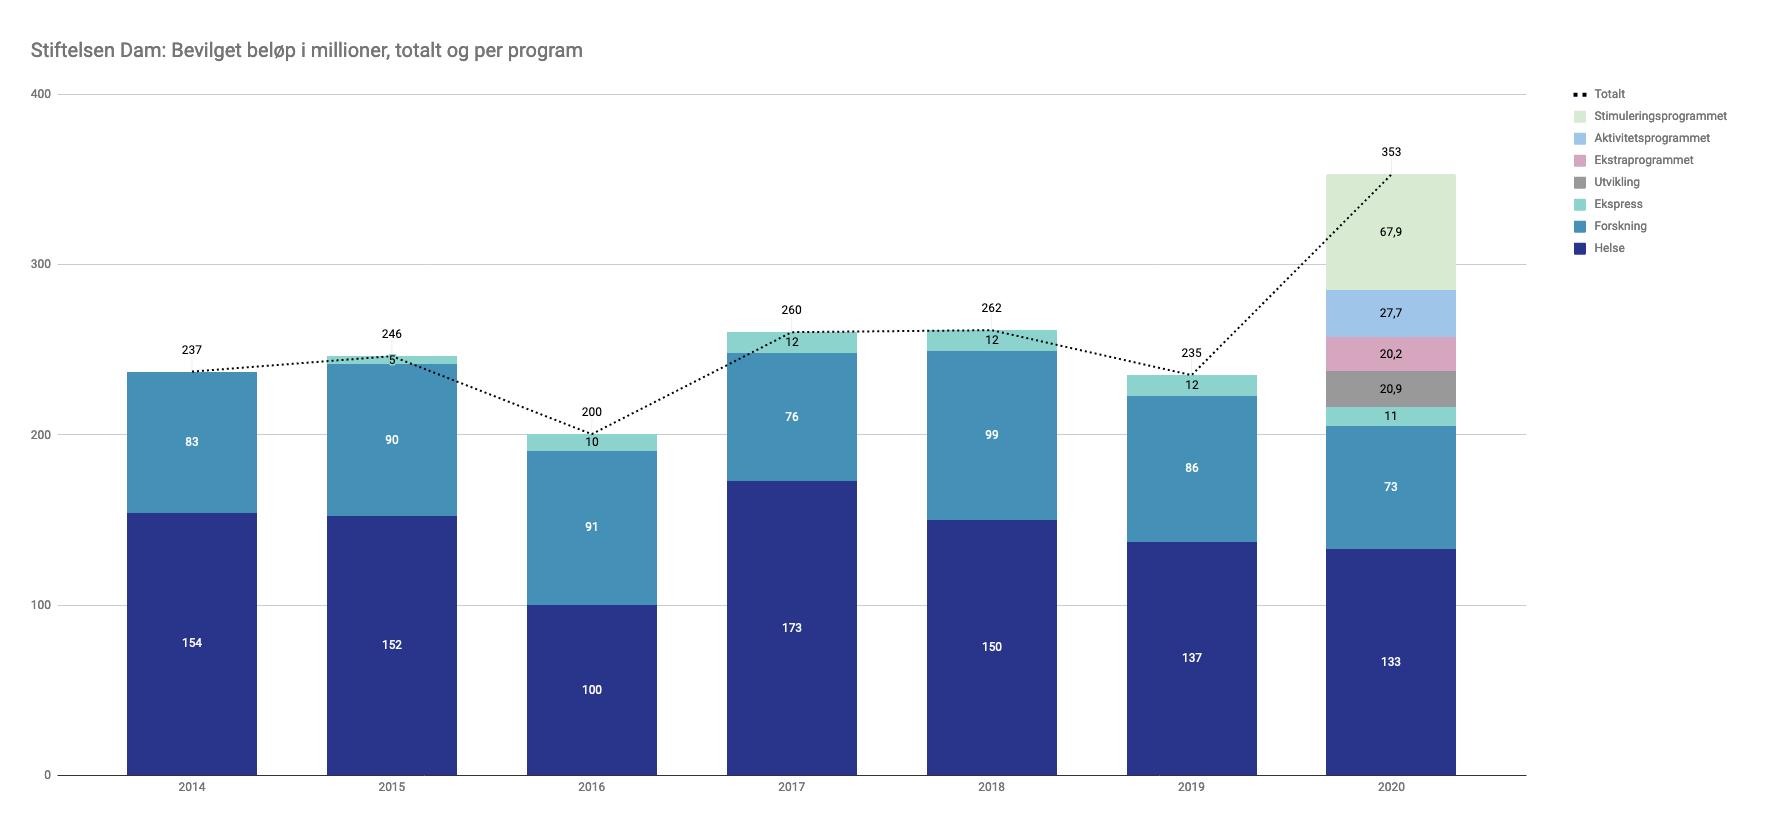 Graf som viser innvilgelser per år i millioner kroner i Stiftelsen Dam, i perioden 2014-2020.